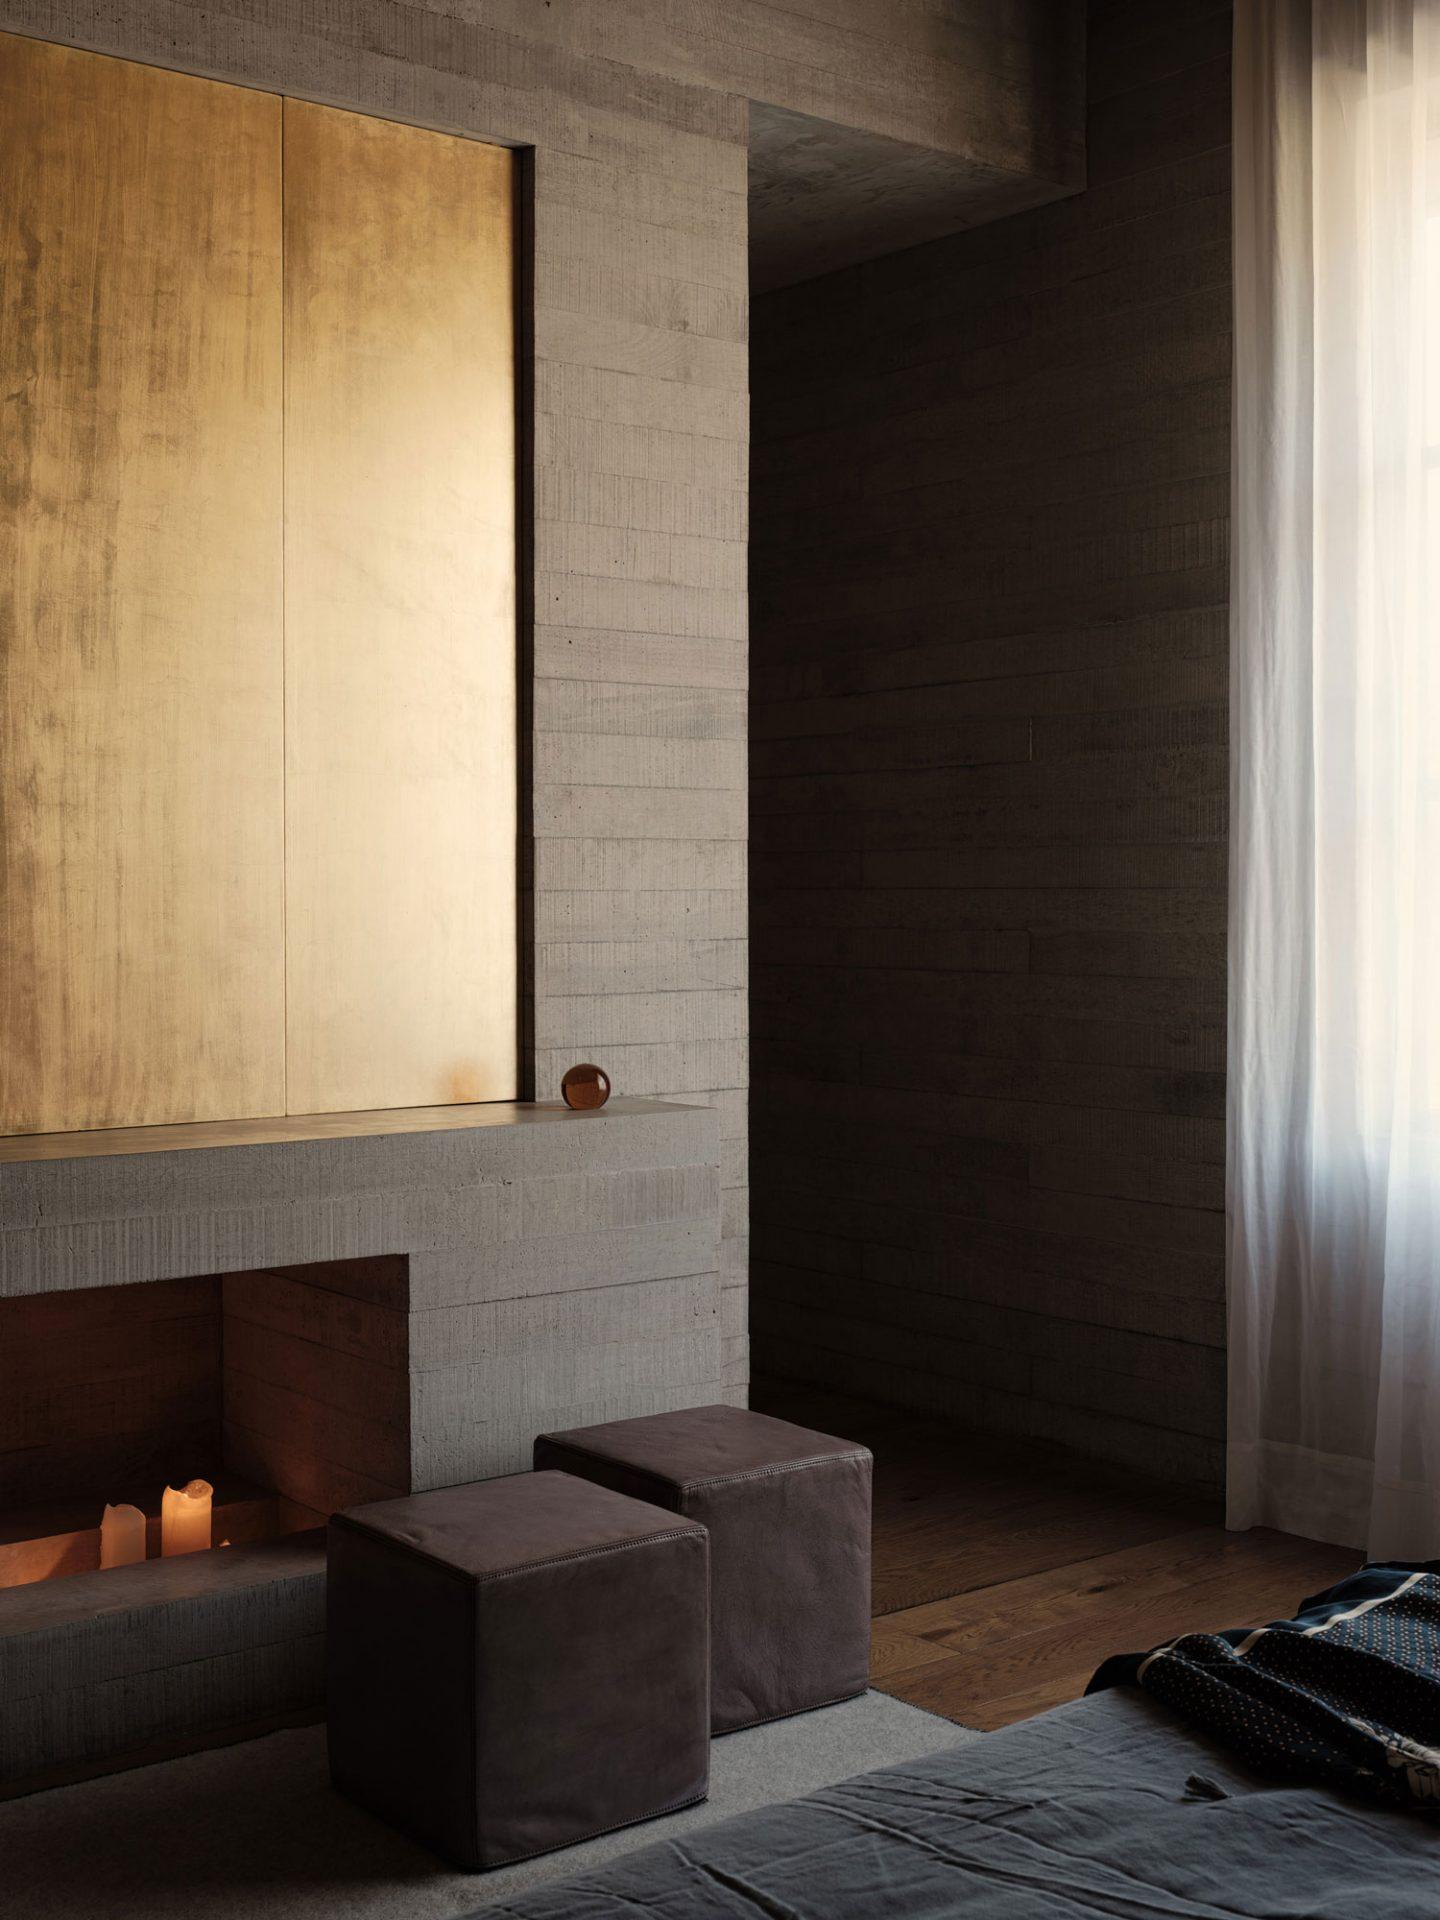 Tennyson-205-Apartment-designalive-14